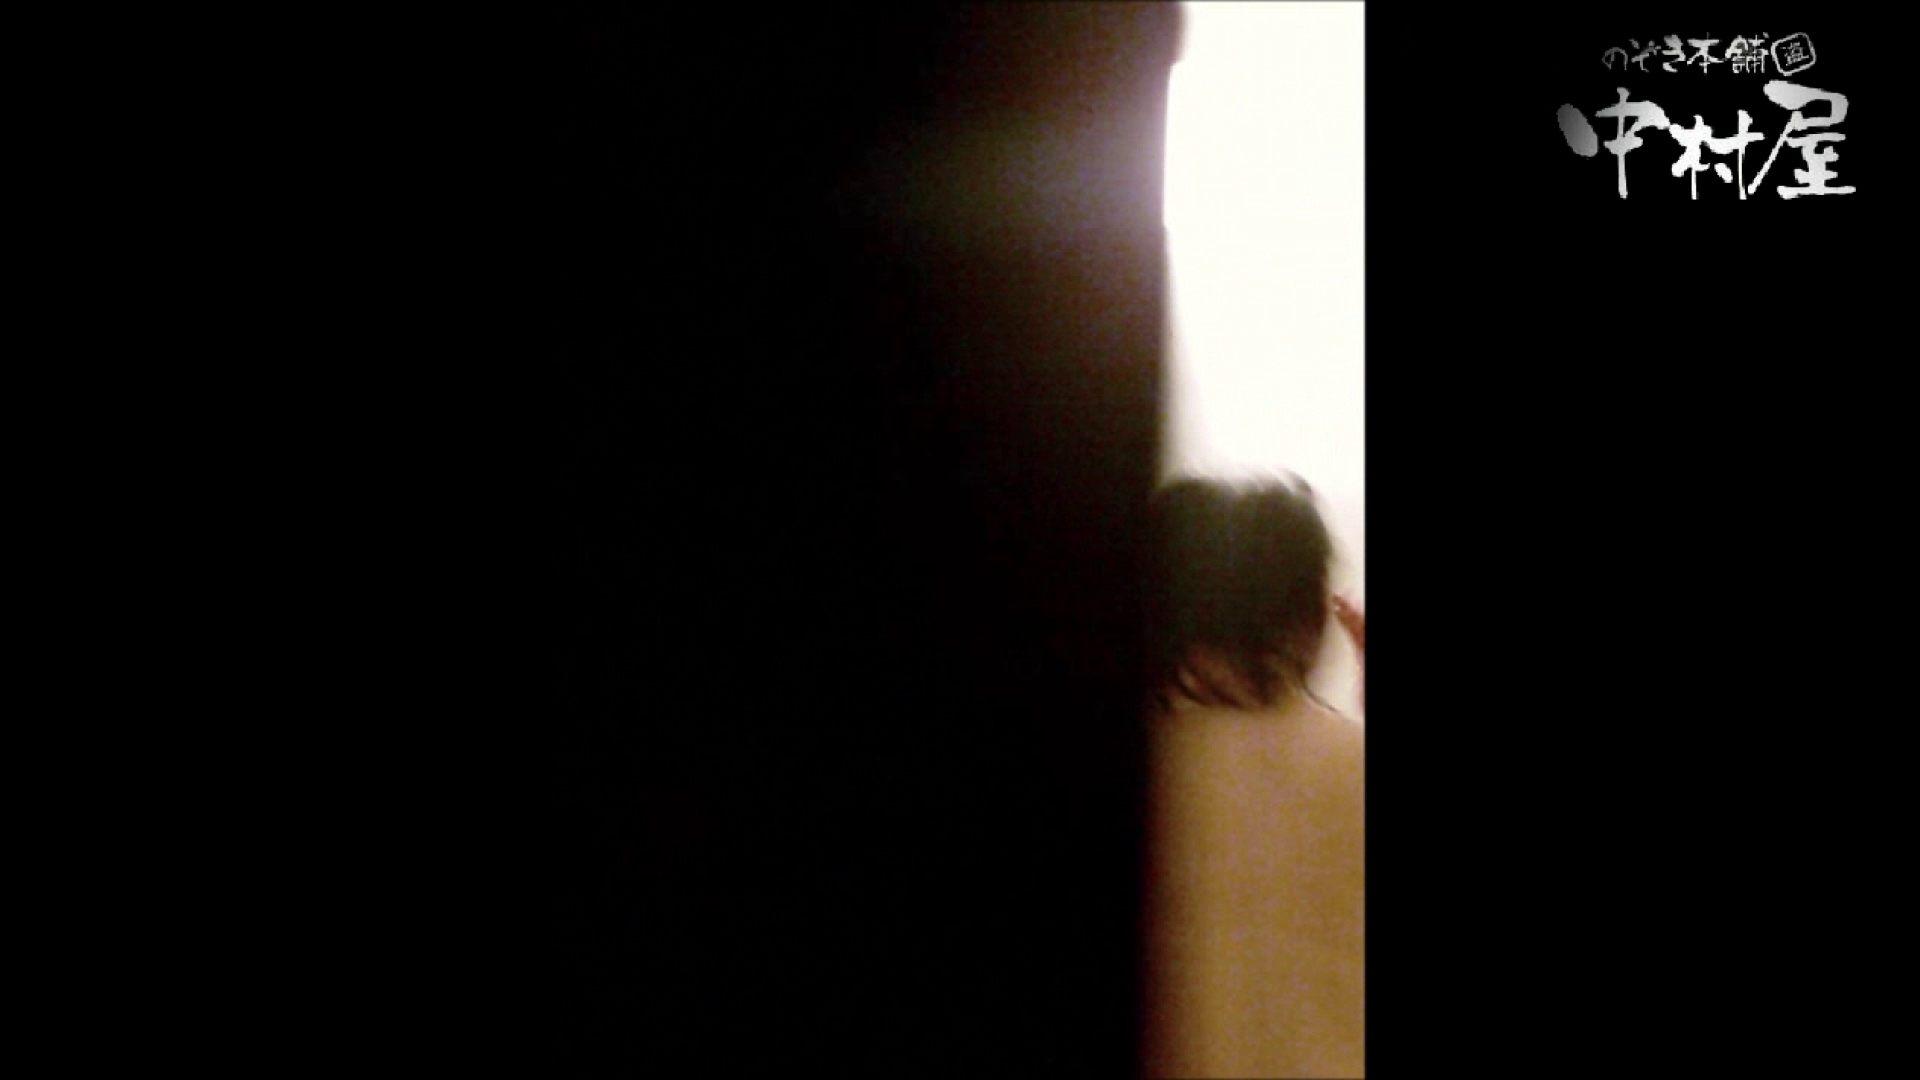 雅さんの独断と偏見で集めた動画集 民家Vol.6 ギャルのエロ動画 | 覗き  80PIX 79